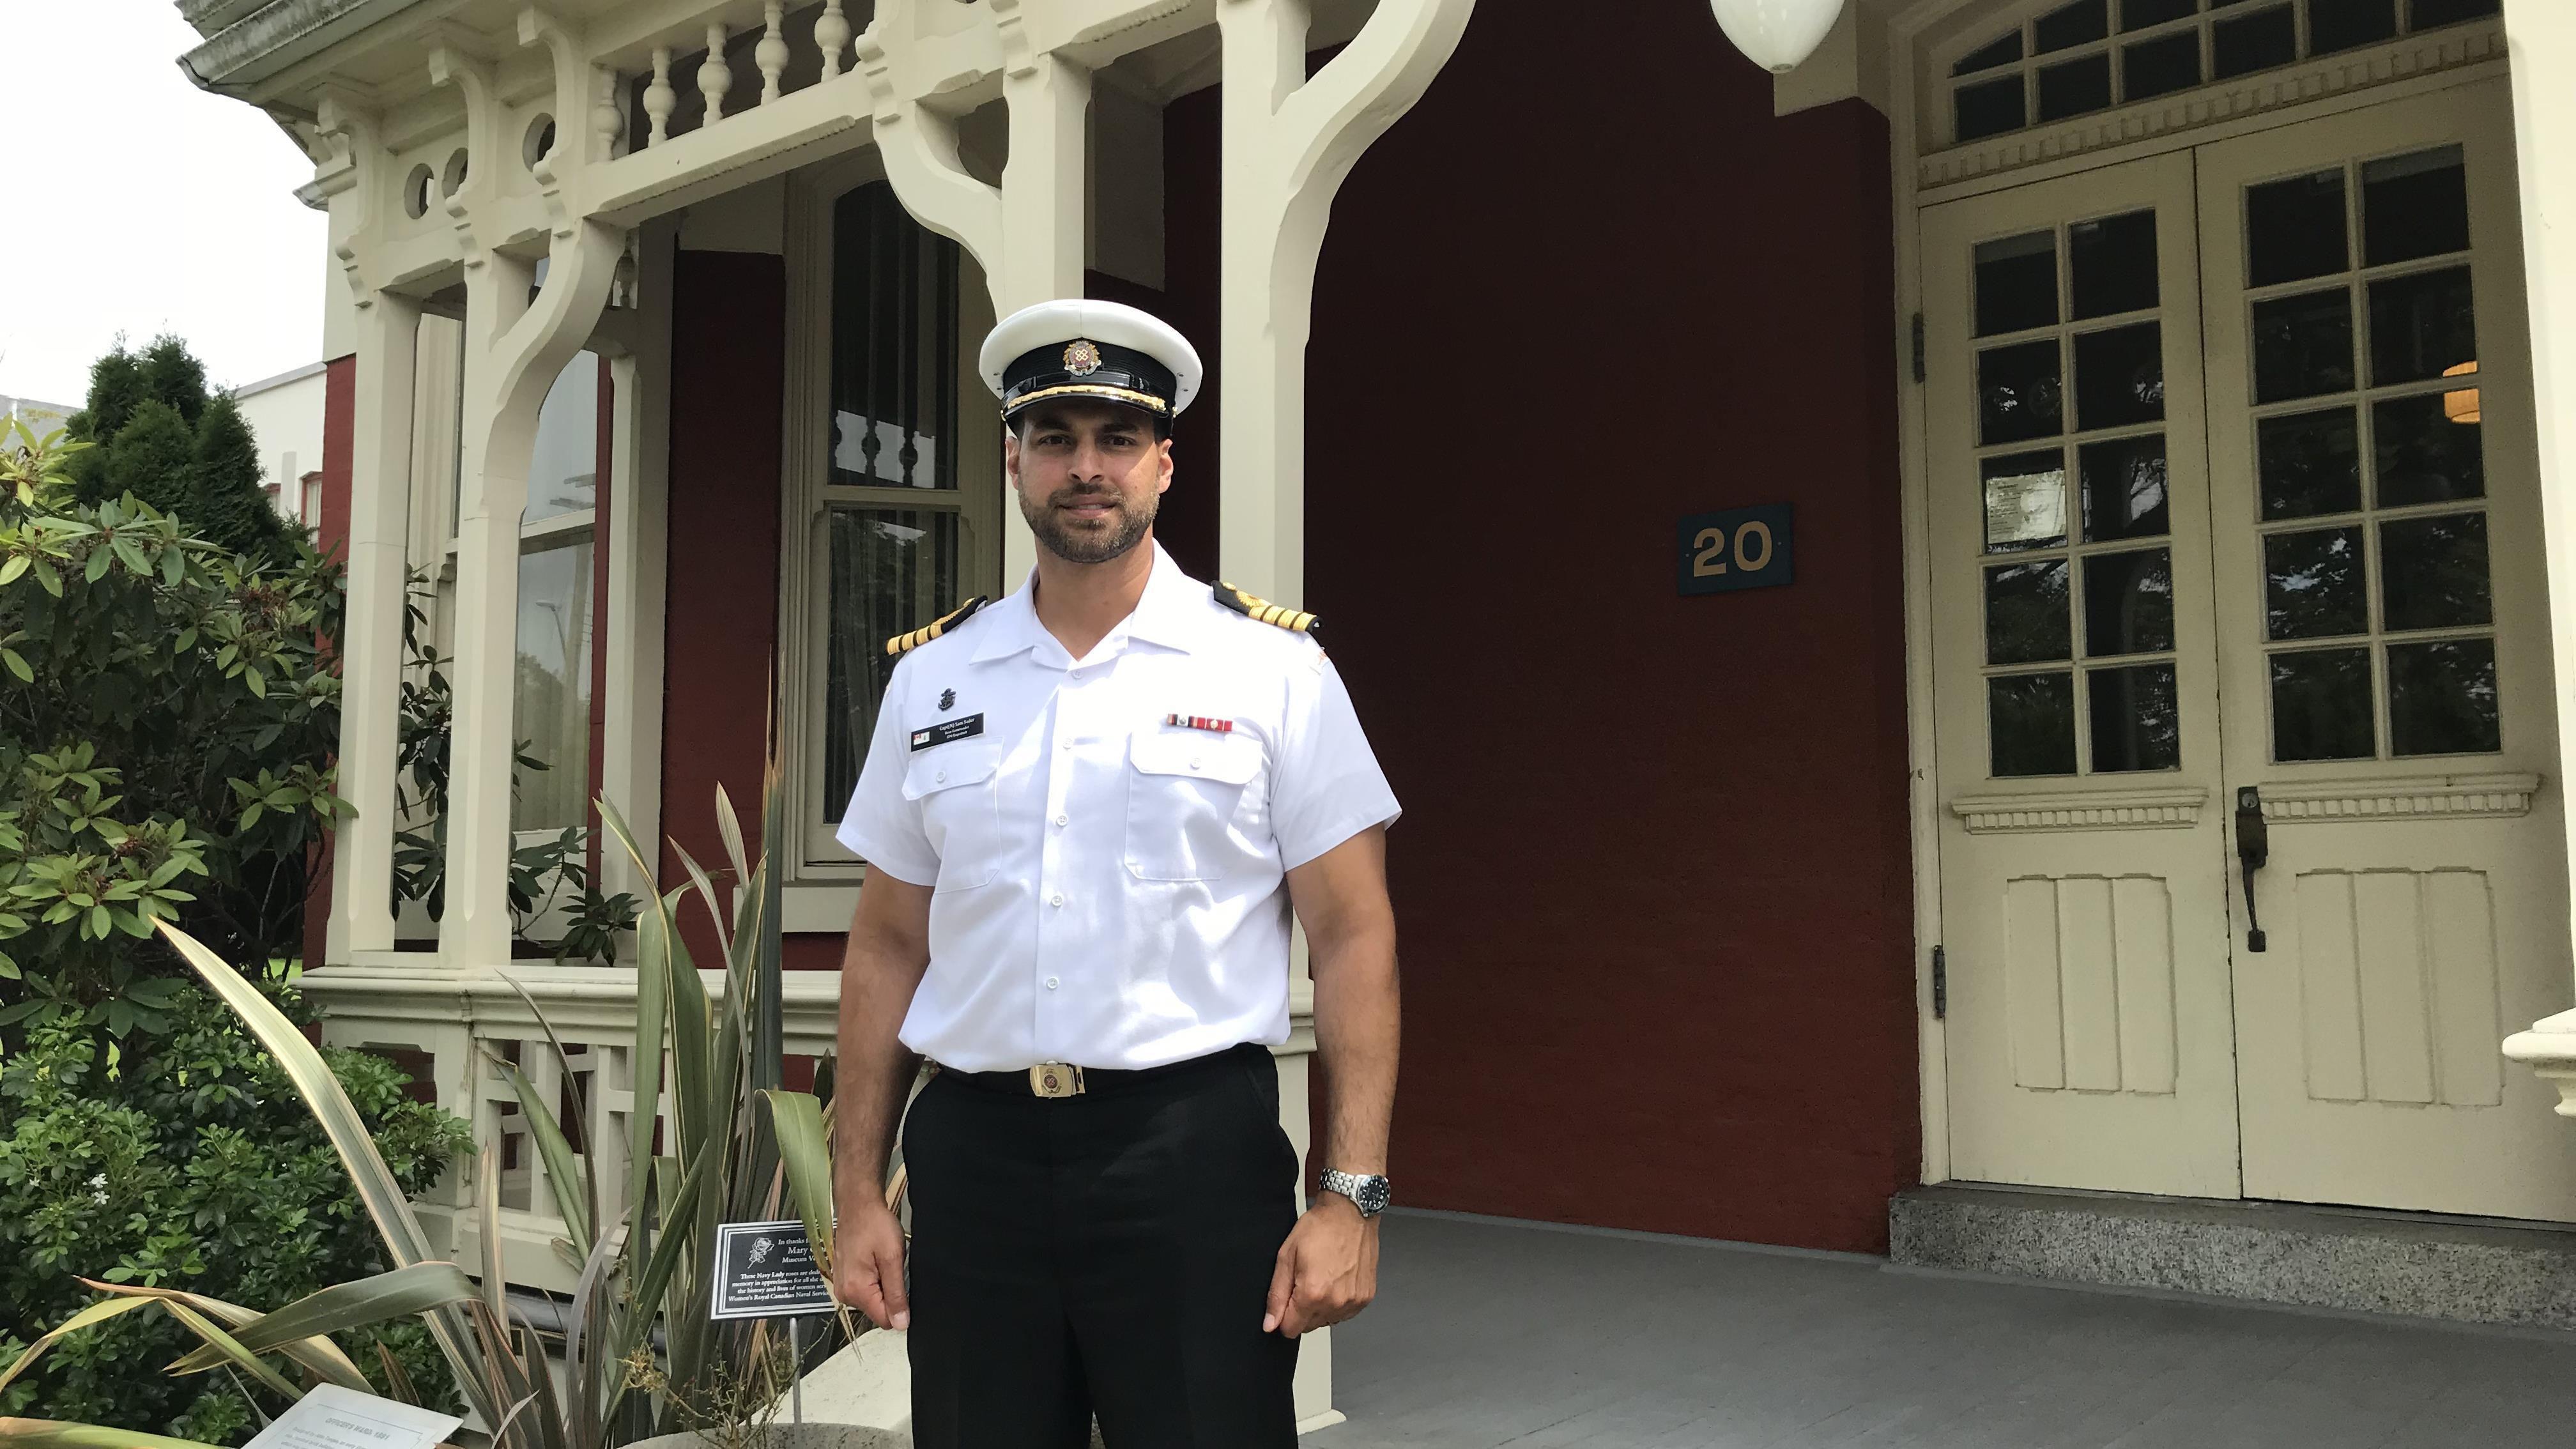 Le capitaine de vaisseau Sam Sader devant la petite école rouge.